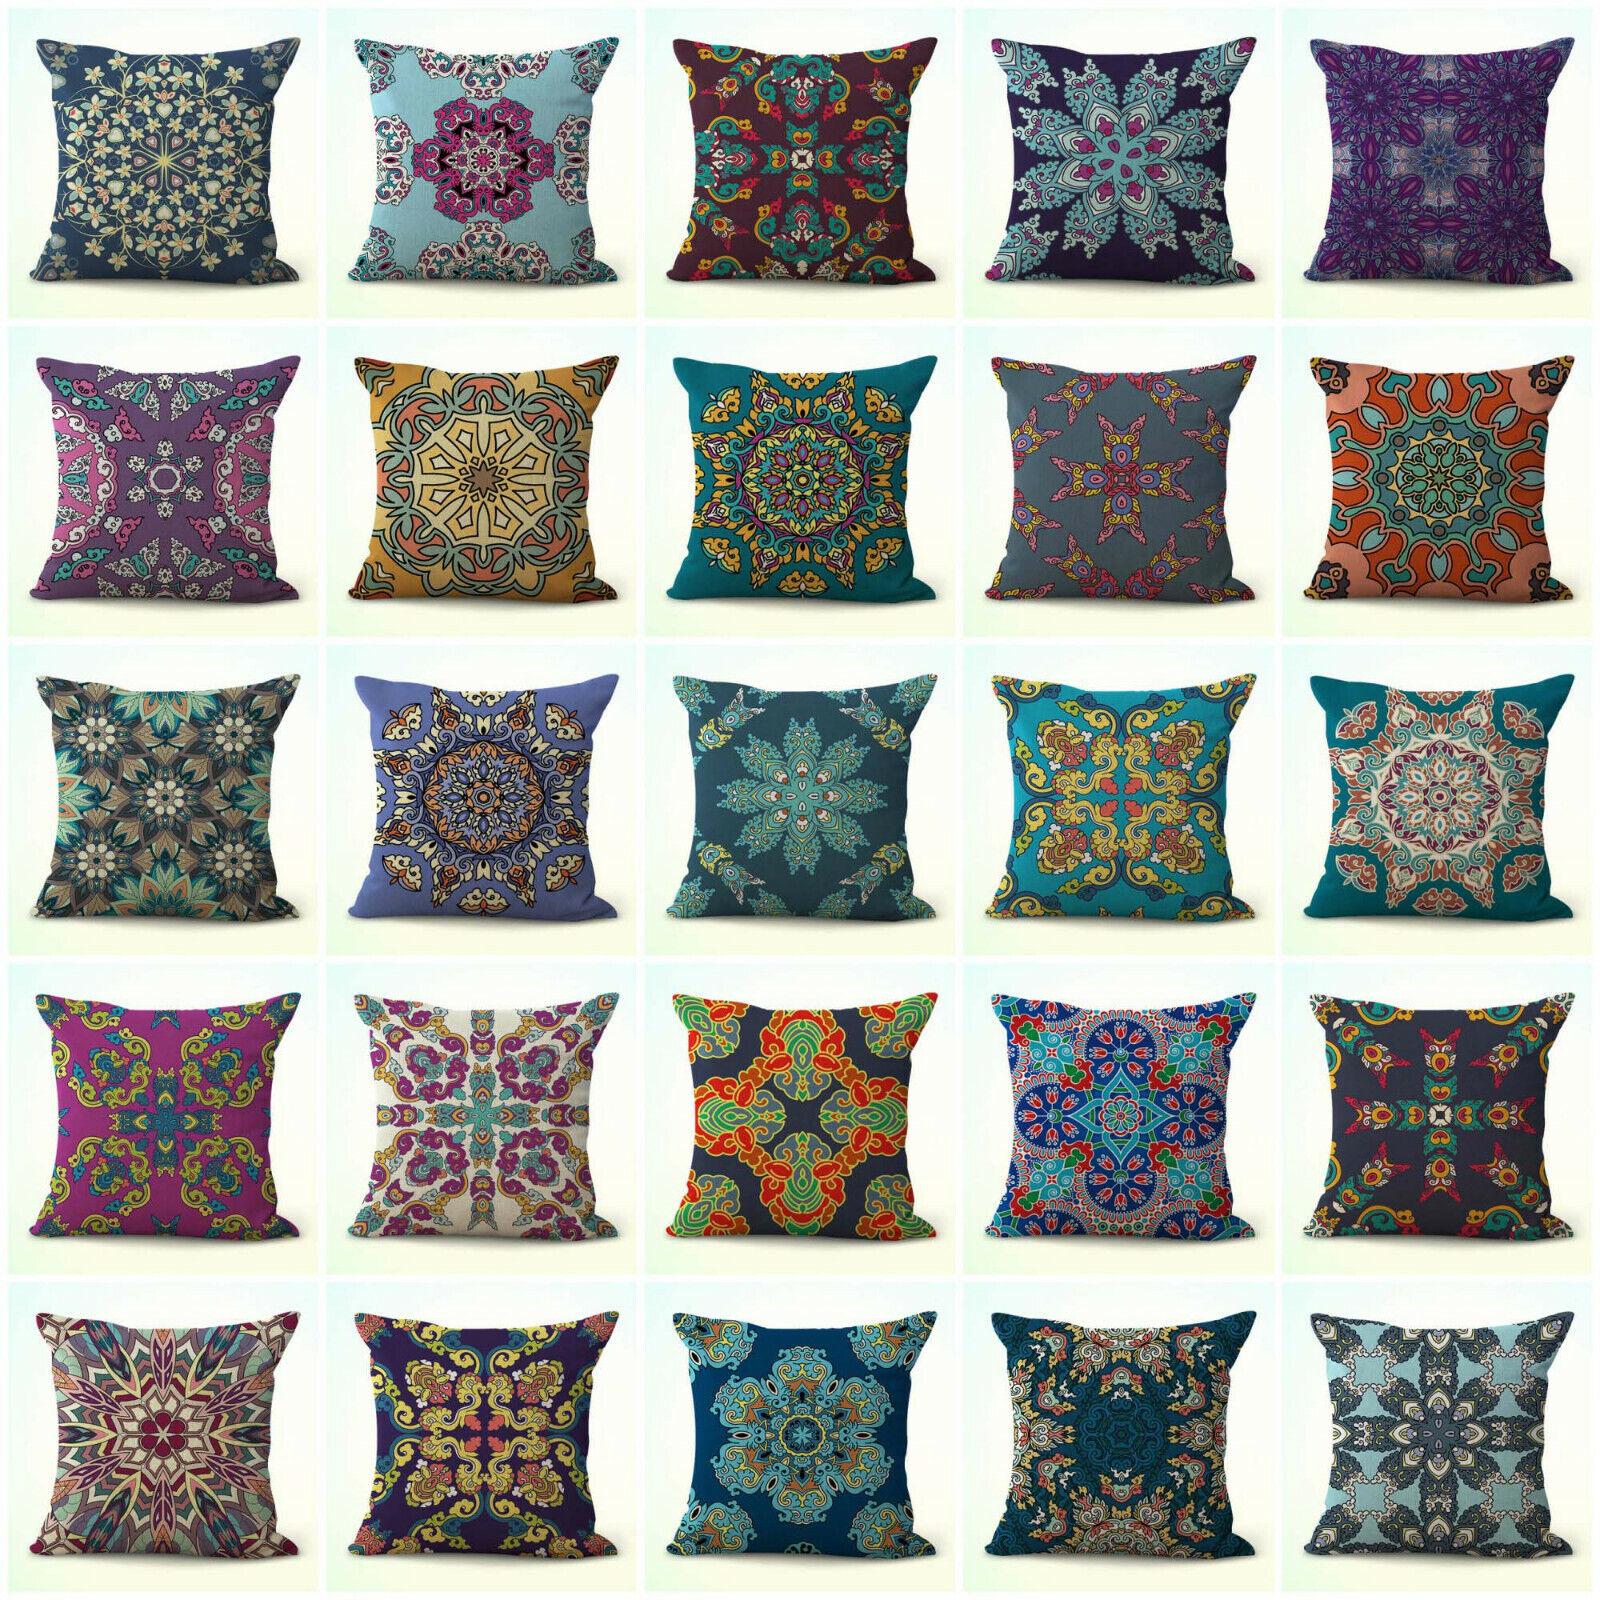 US Vendeur-Lot de 20 Patio Coussin Meditation Mandala housses de coussin